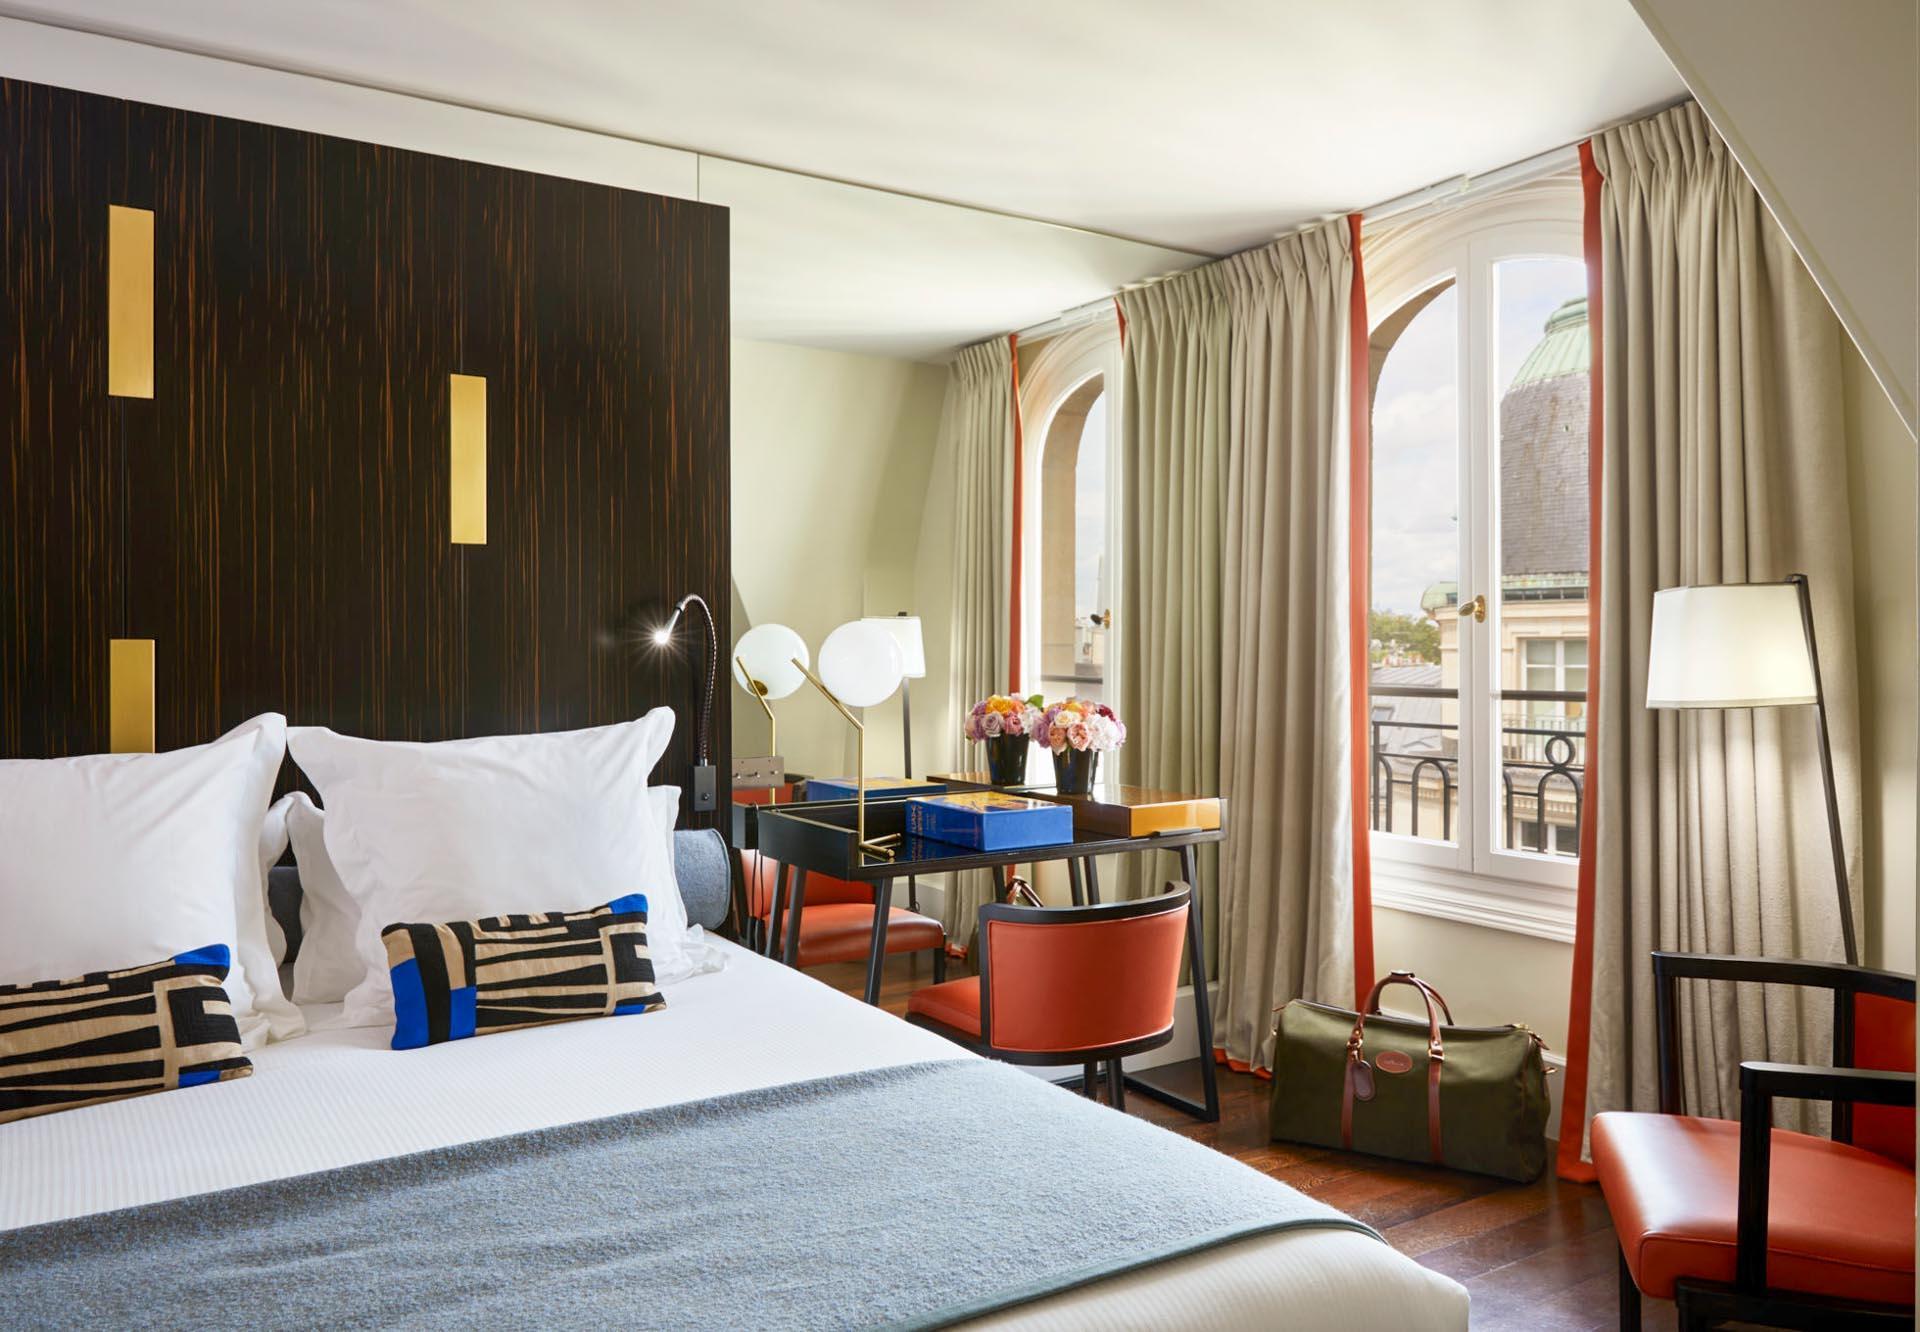 Chambre à l'hôtel Montalembert © DR